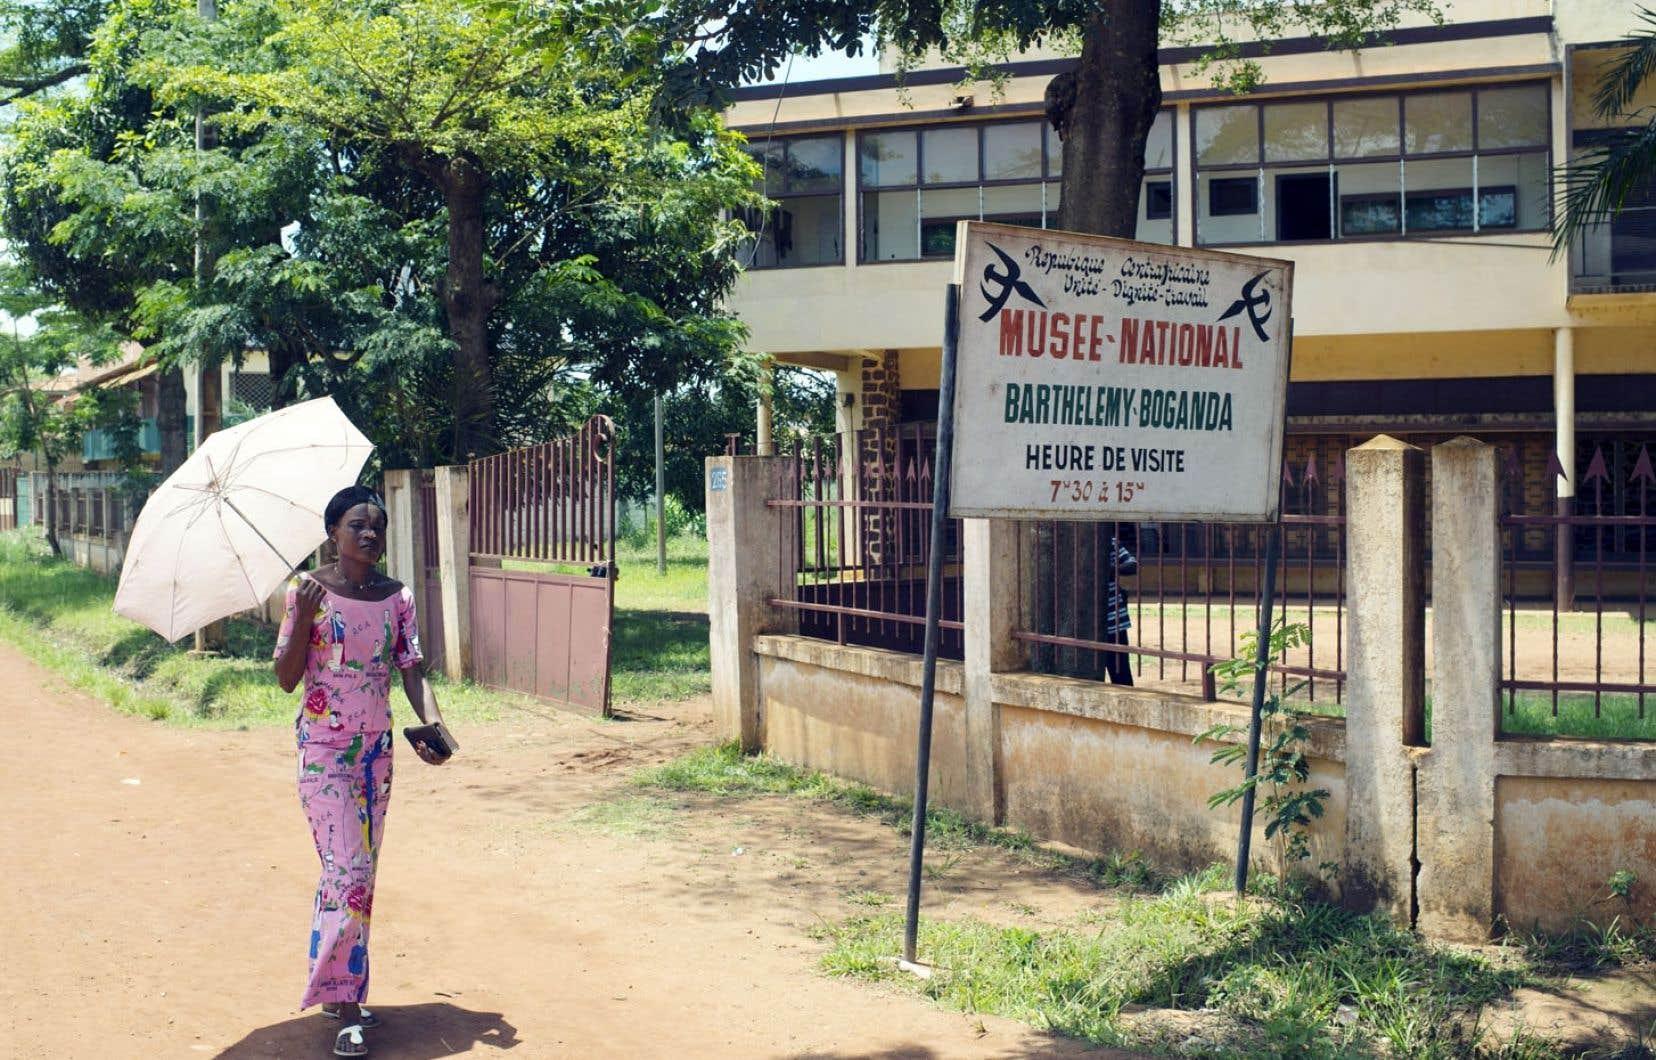 Triste symbole d'une culture écrasée par les affrontements entre groupes rebelles et milices d'autodéfense, le musée national de Bangui est fermé au public depuis des mois.